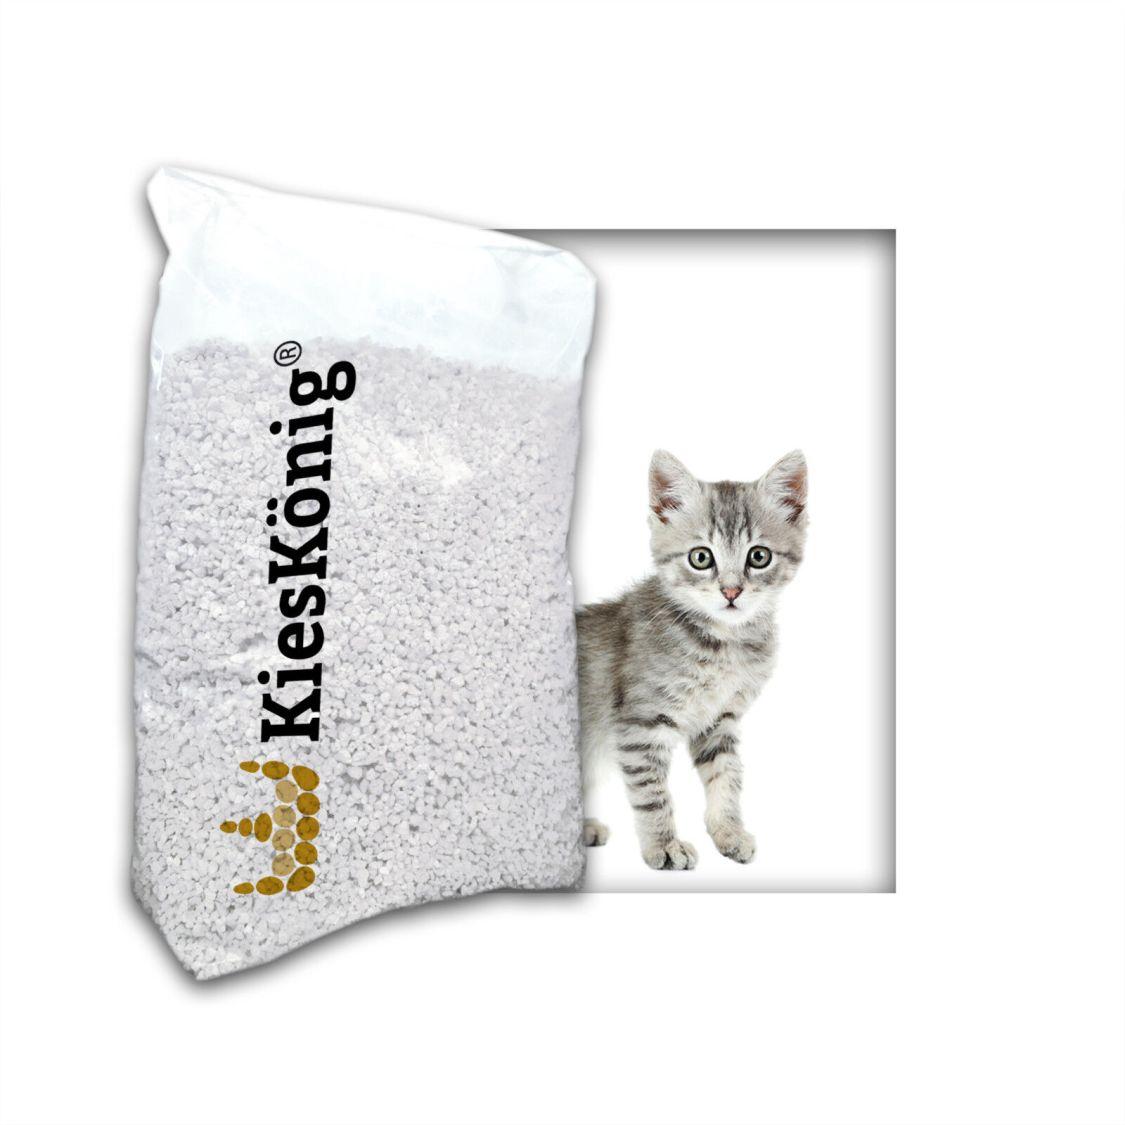 Katzenstreu Premium Hygiene Streu Katzensand Einstreu